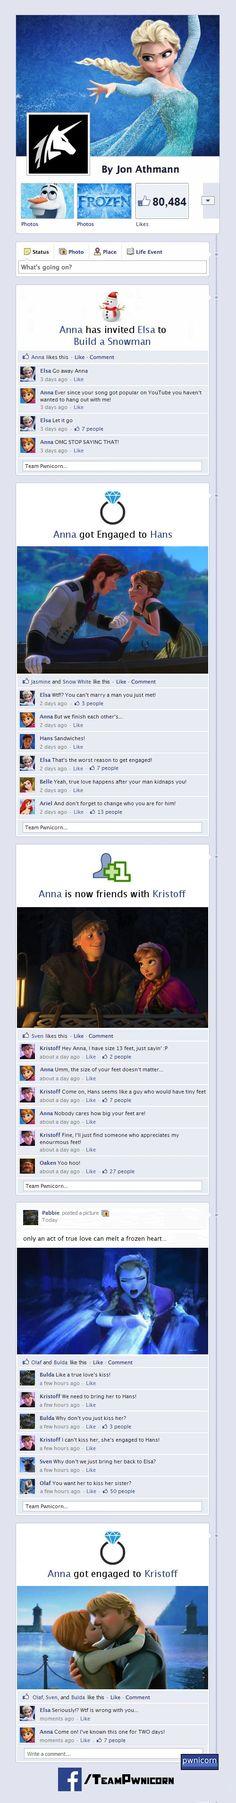 Y si Frozen transcurriera en Facebook...